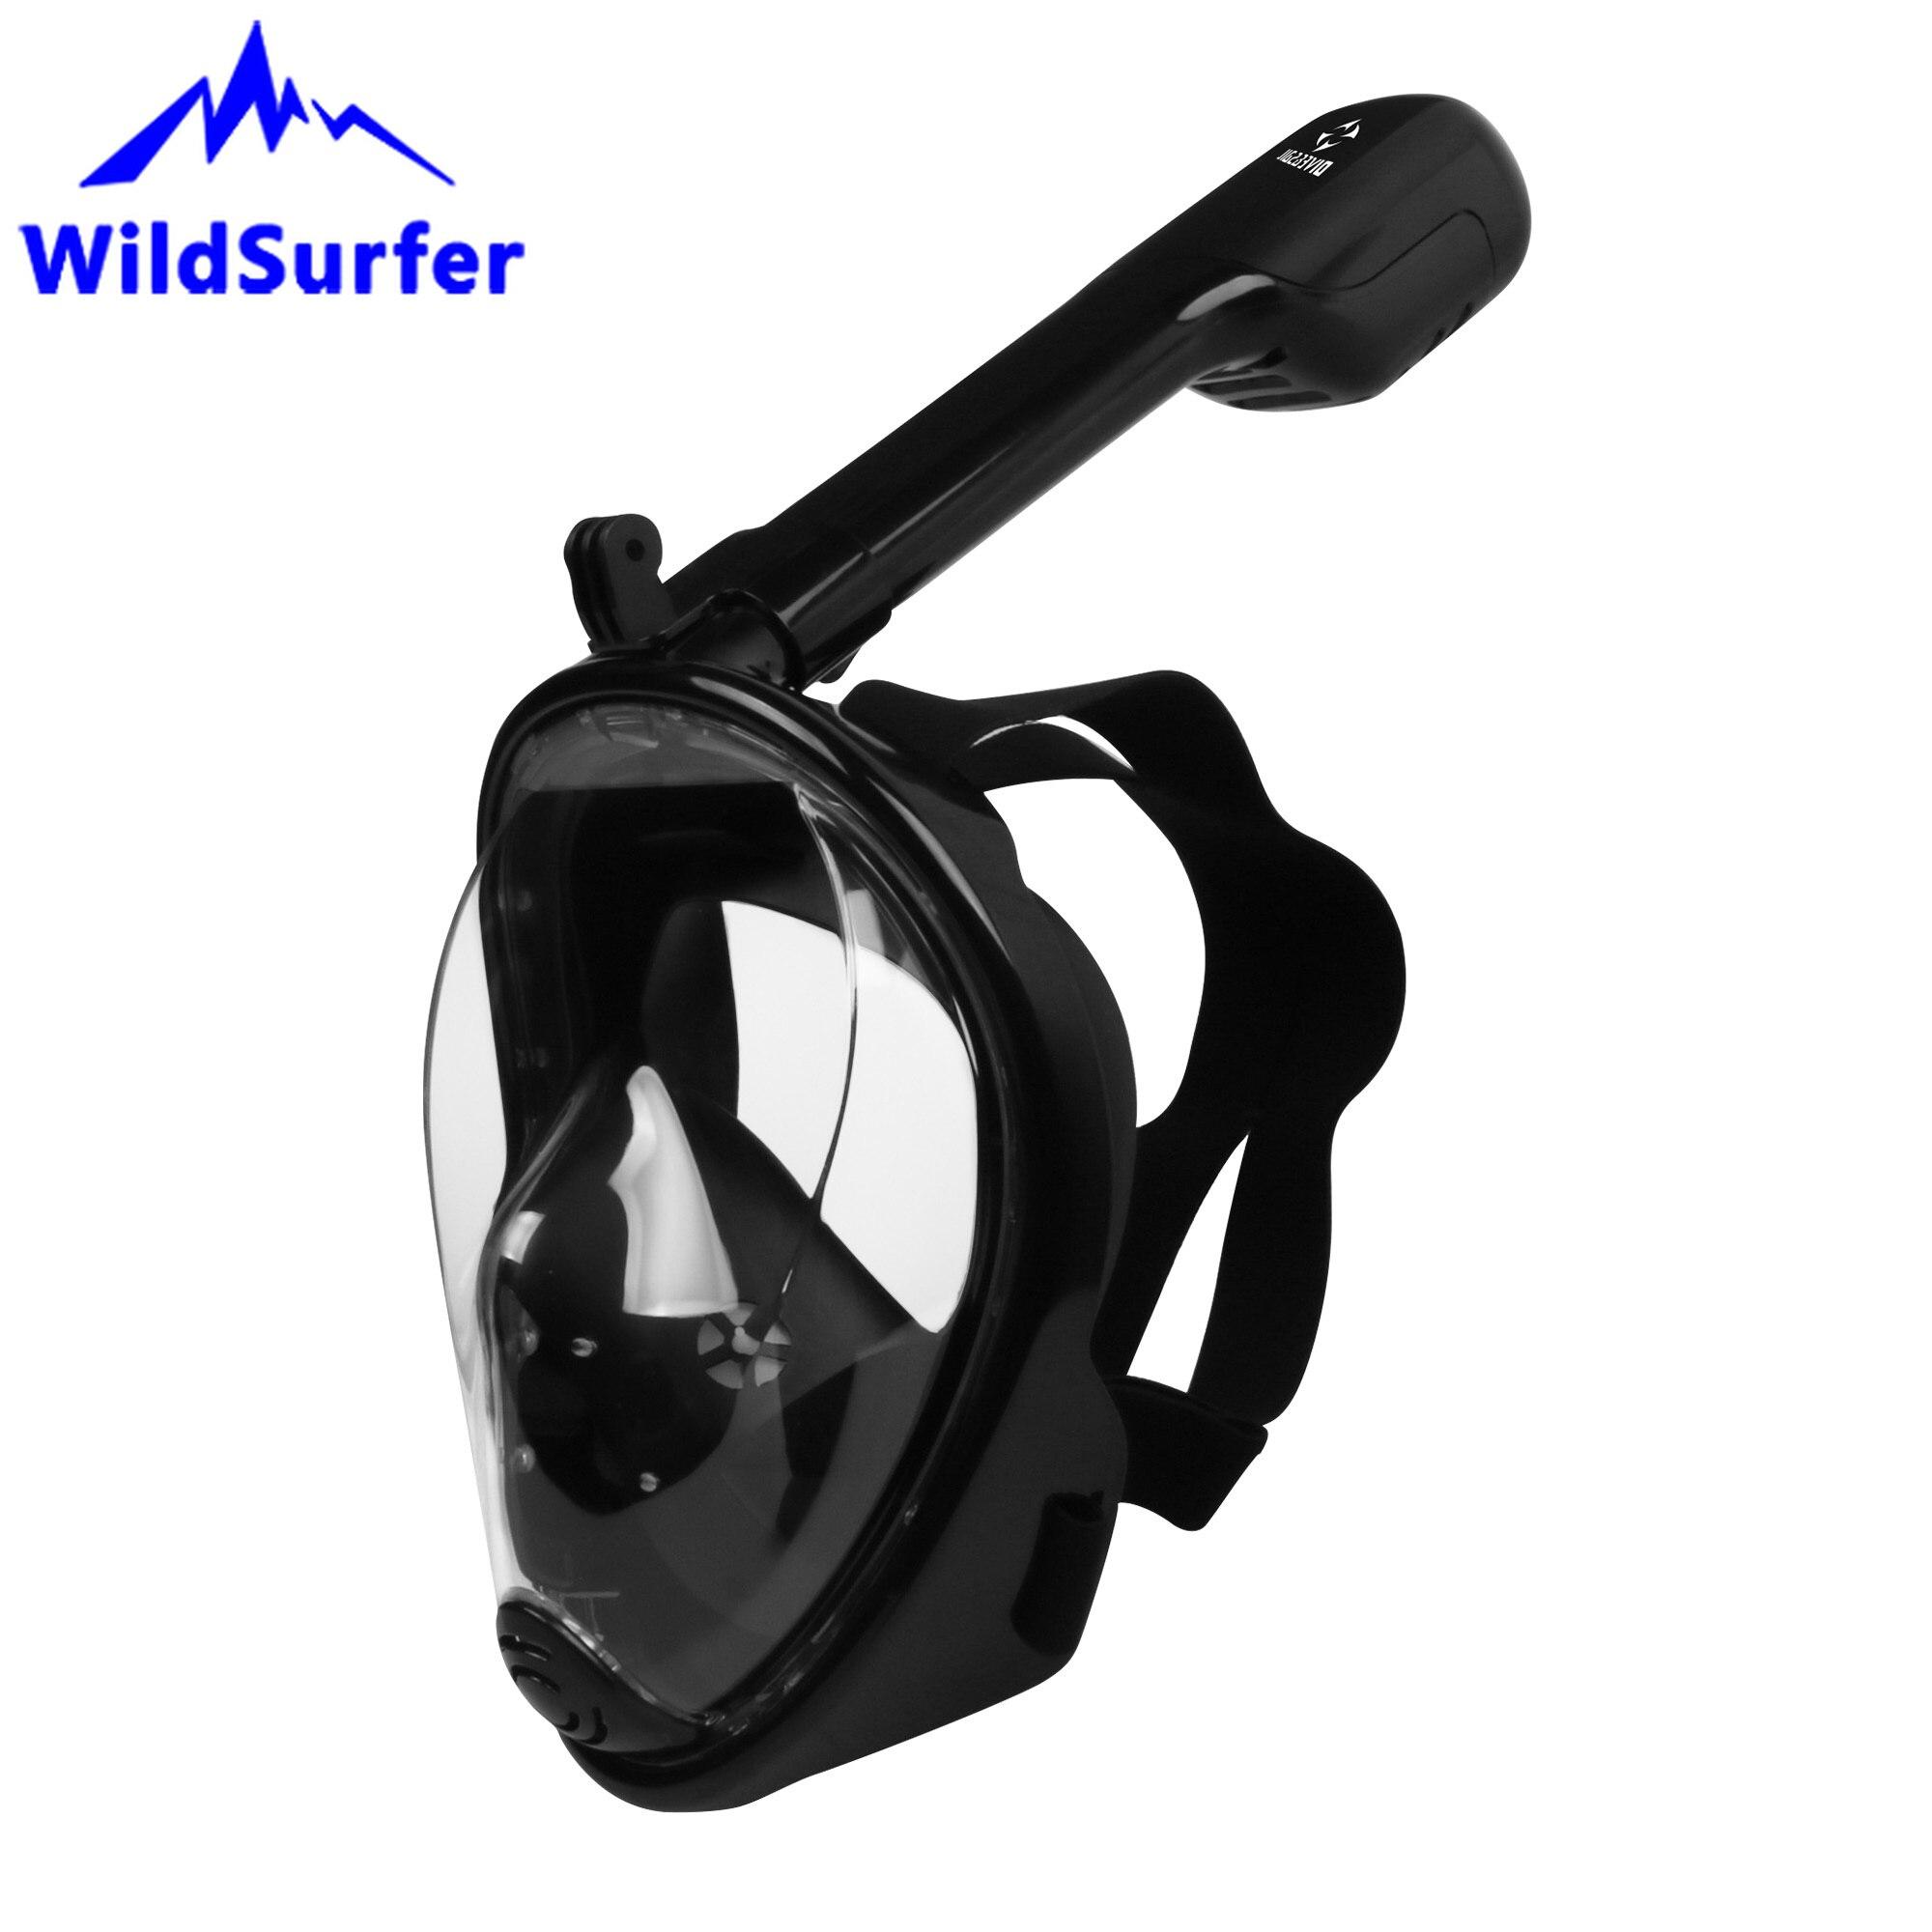 Masque de plongée sous-marine plein visage WildSurfer adultes pliable tout-sec Anti-brouillard enfants masque de plongée Mascara de buceo